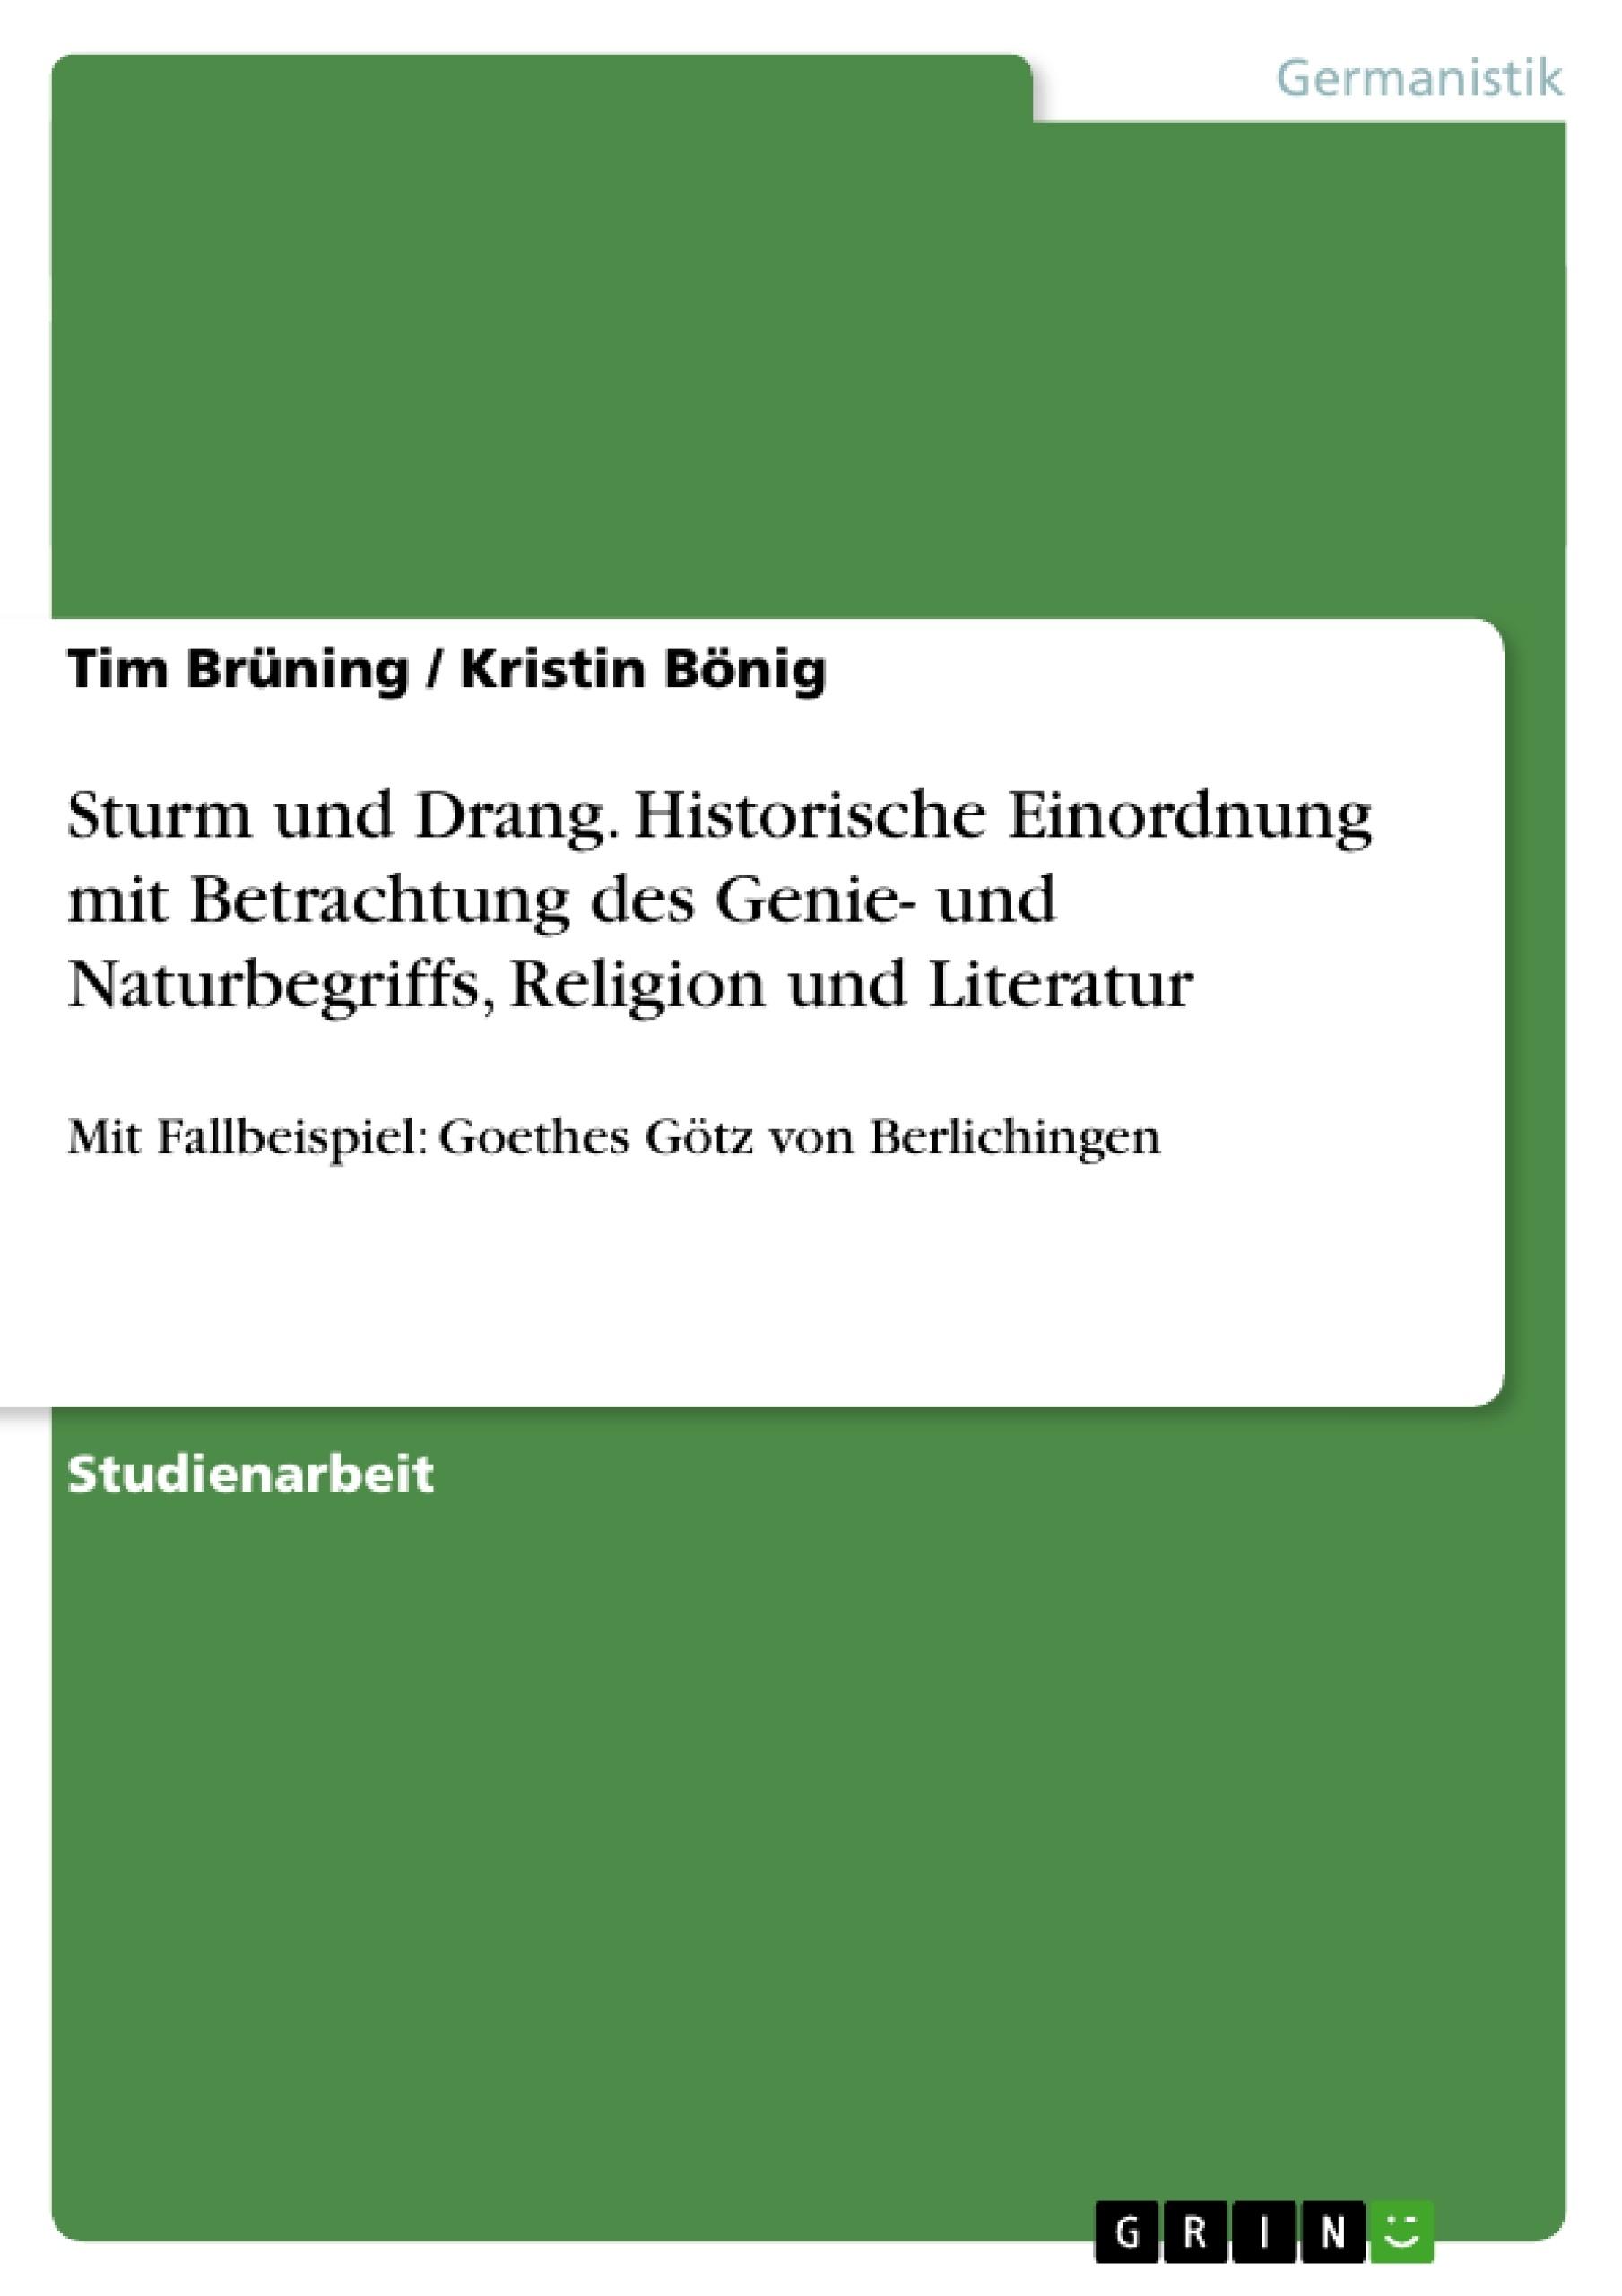 Titel: Sturm und Drang. Historische Einordnung mit Betrachtung des Genie- und Naturbegriffs, Religion und Literatur